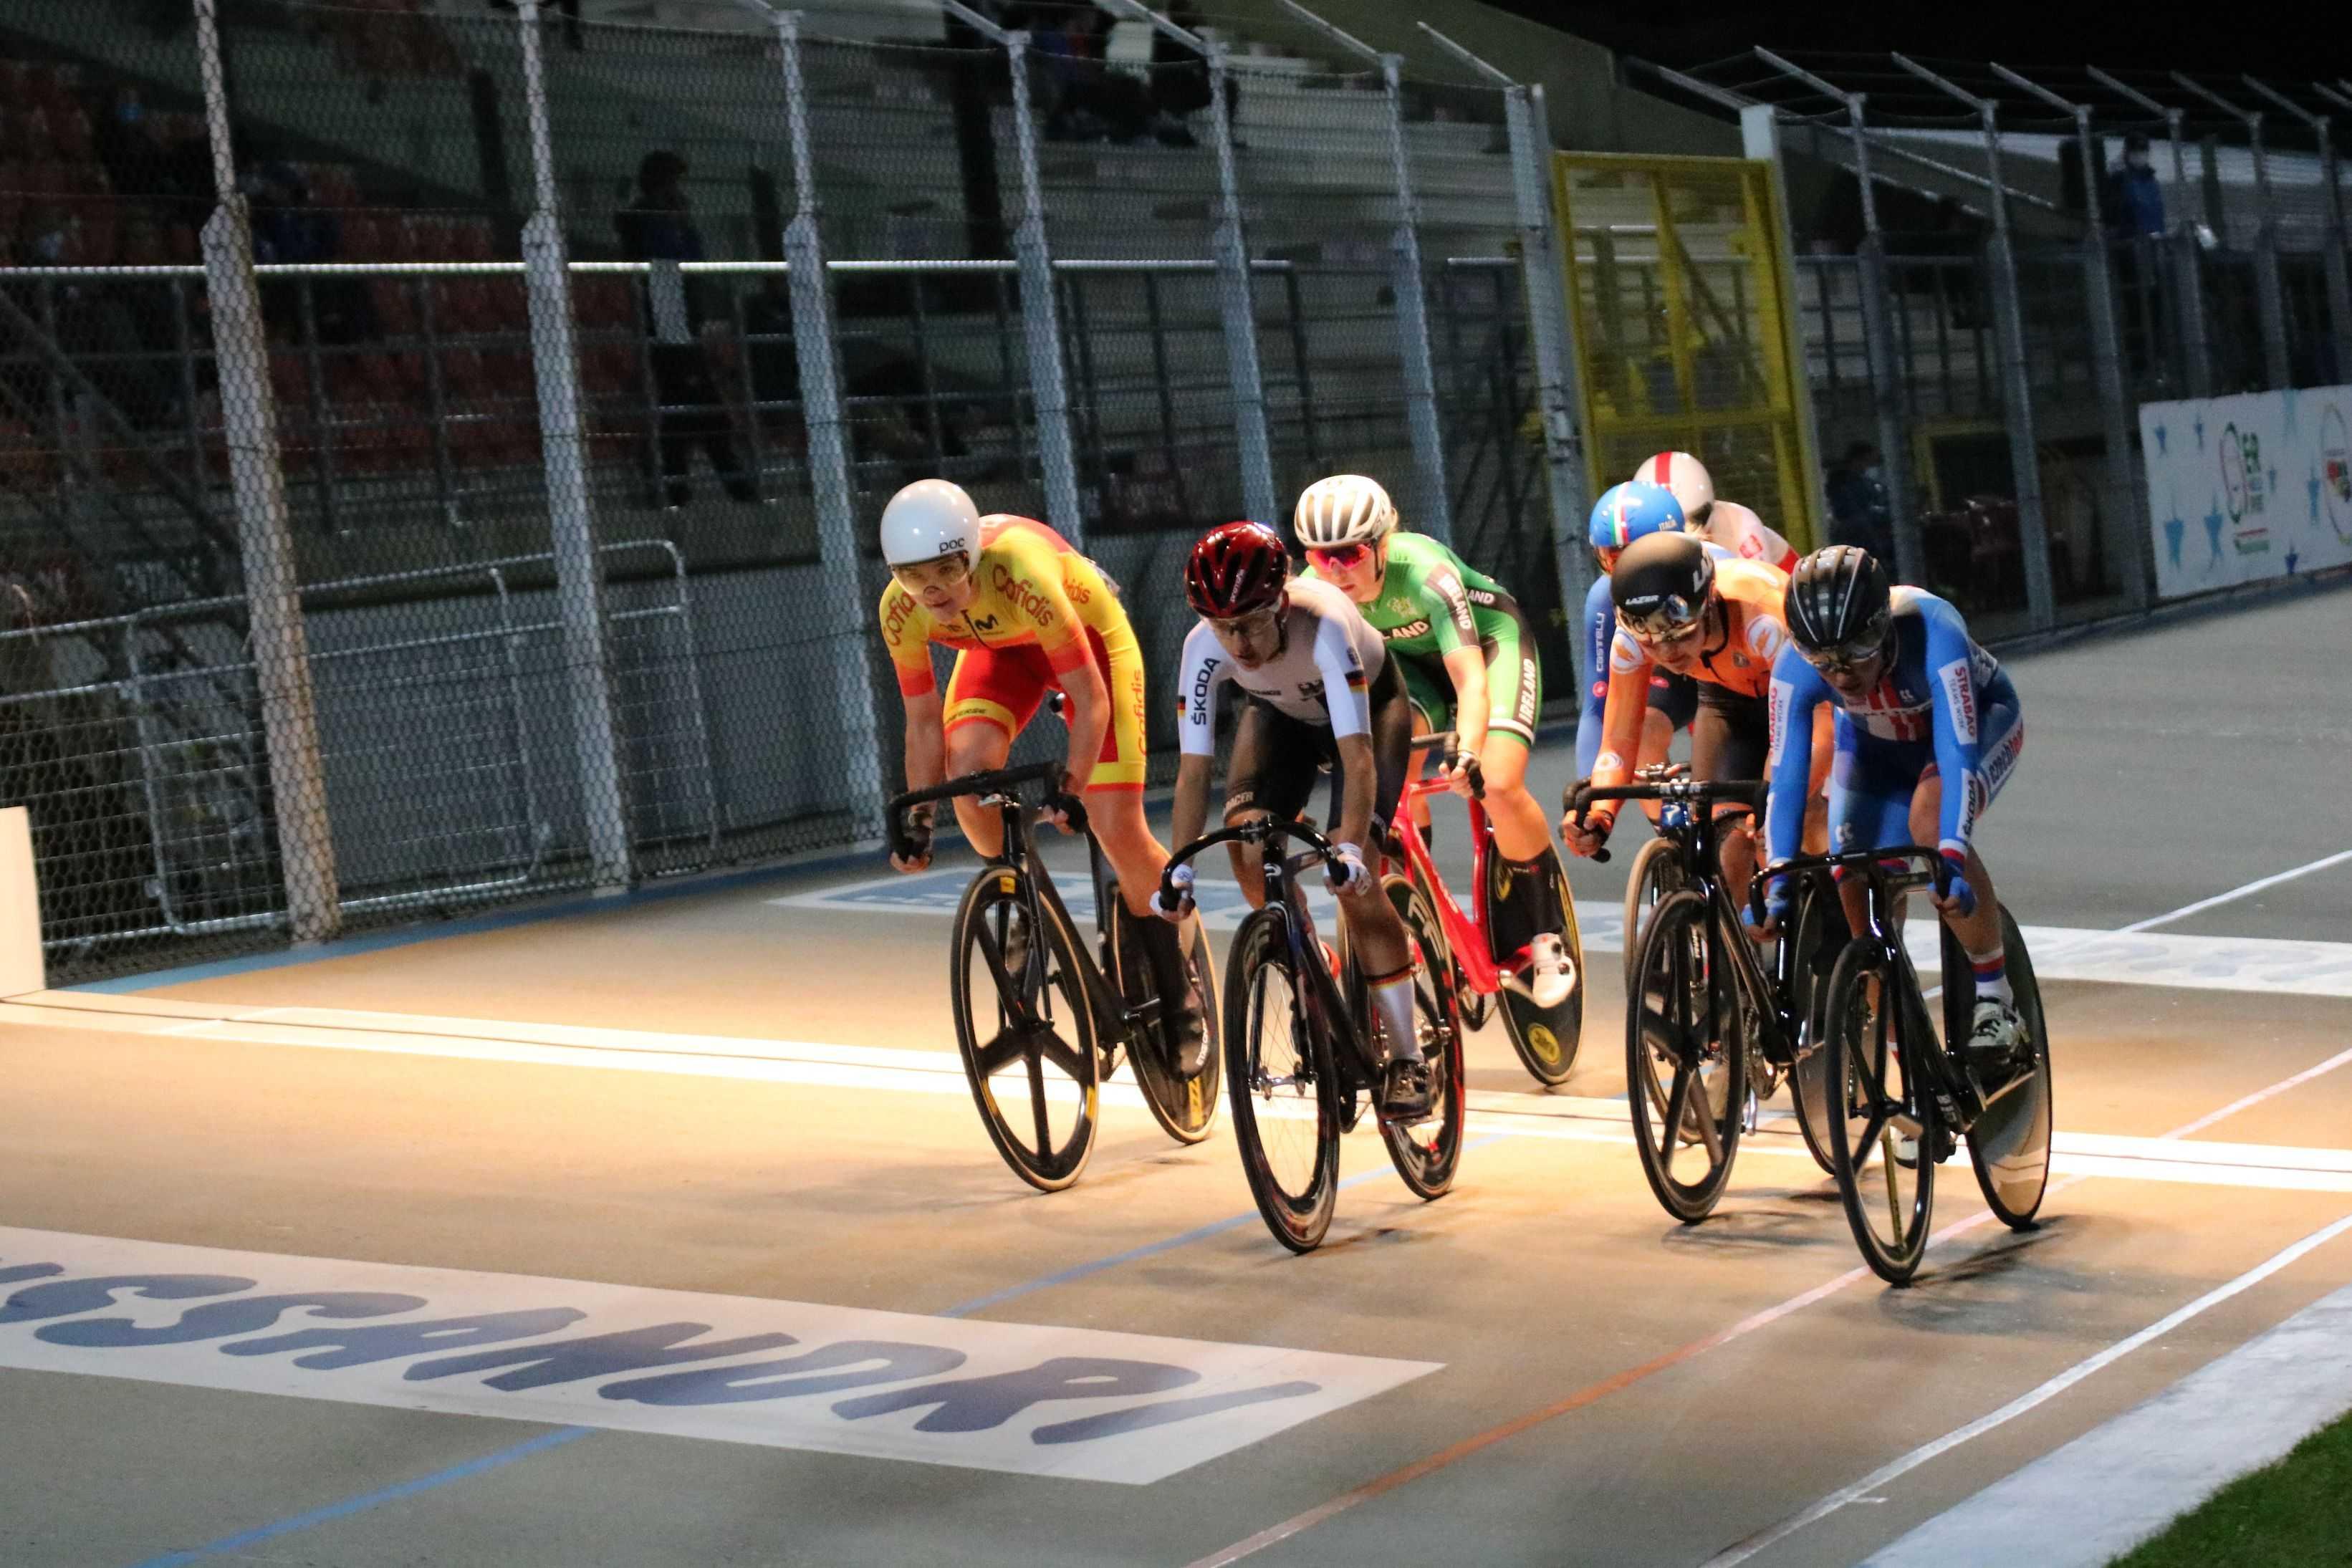 #TeamESPciclismo / Campeonato de Europa de Pista junior-Sub23 2020 - Sábado 11 y domingo 12 de octubre